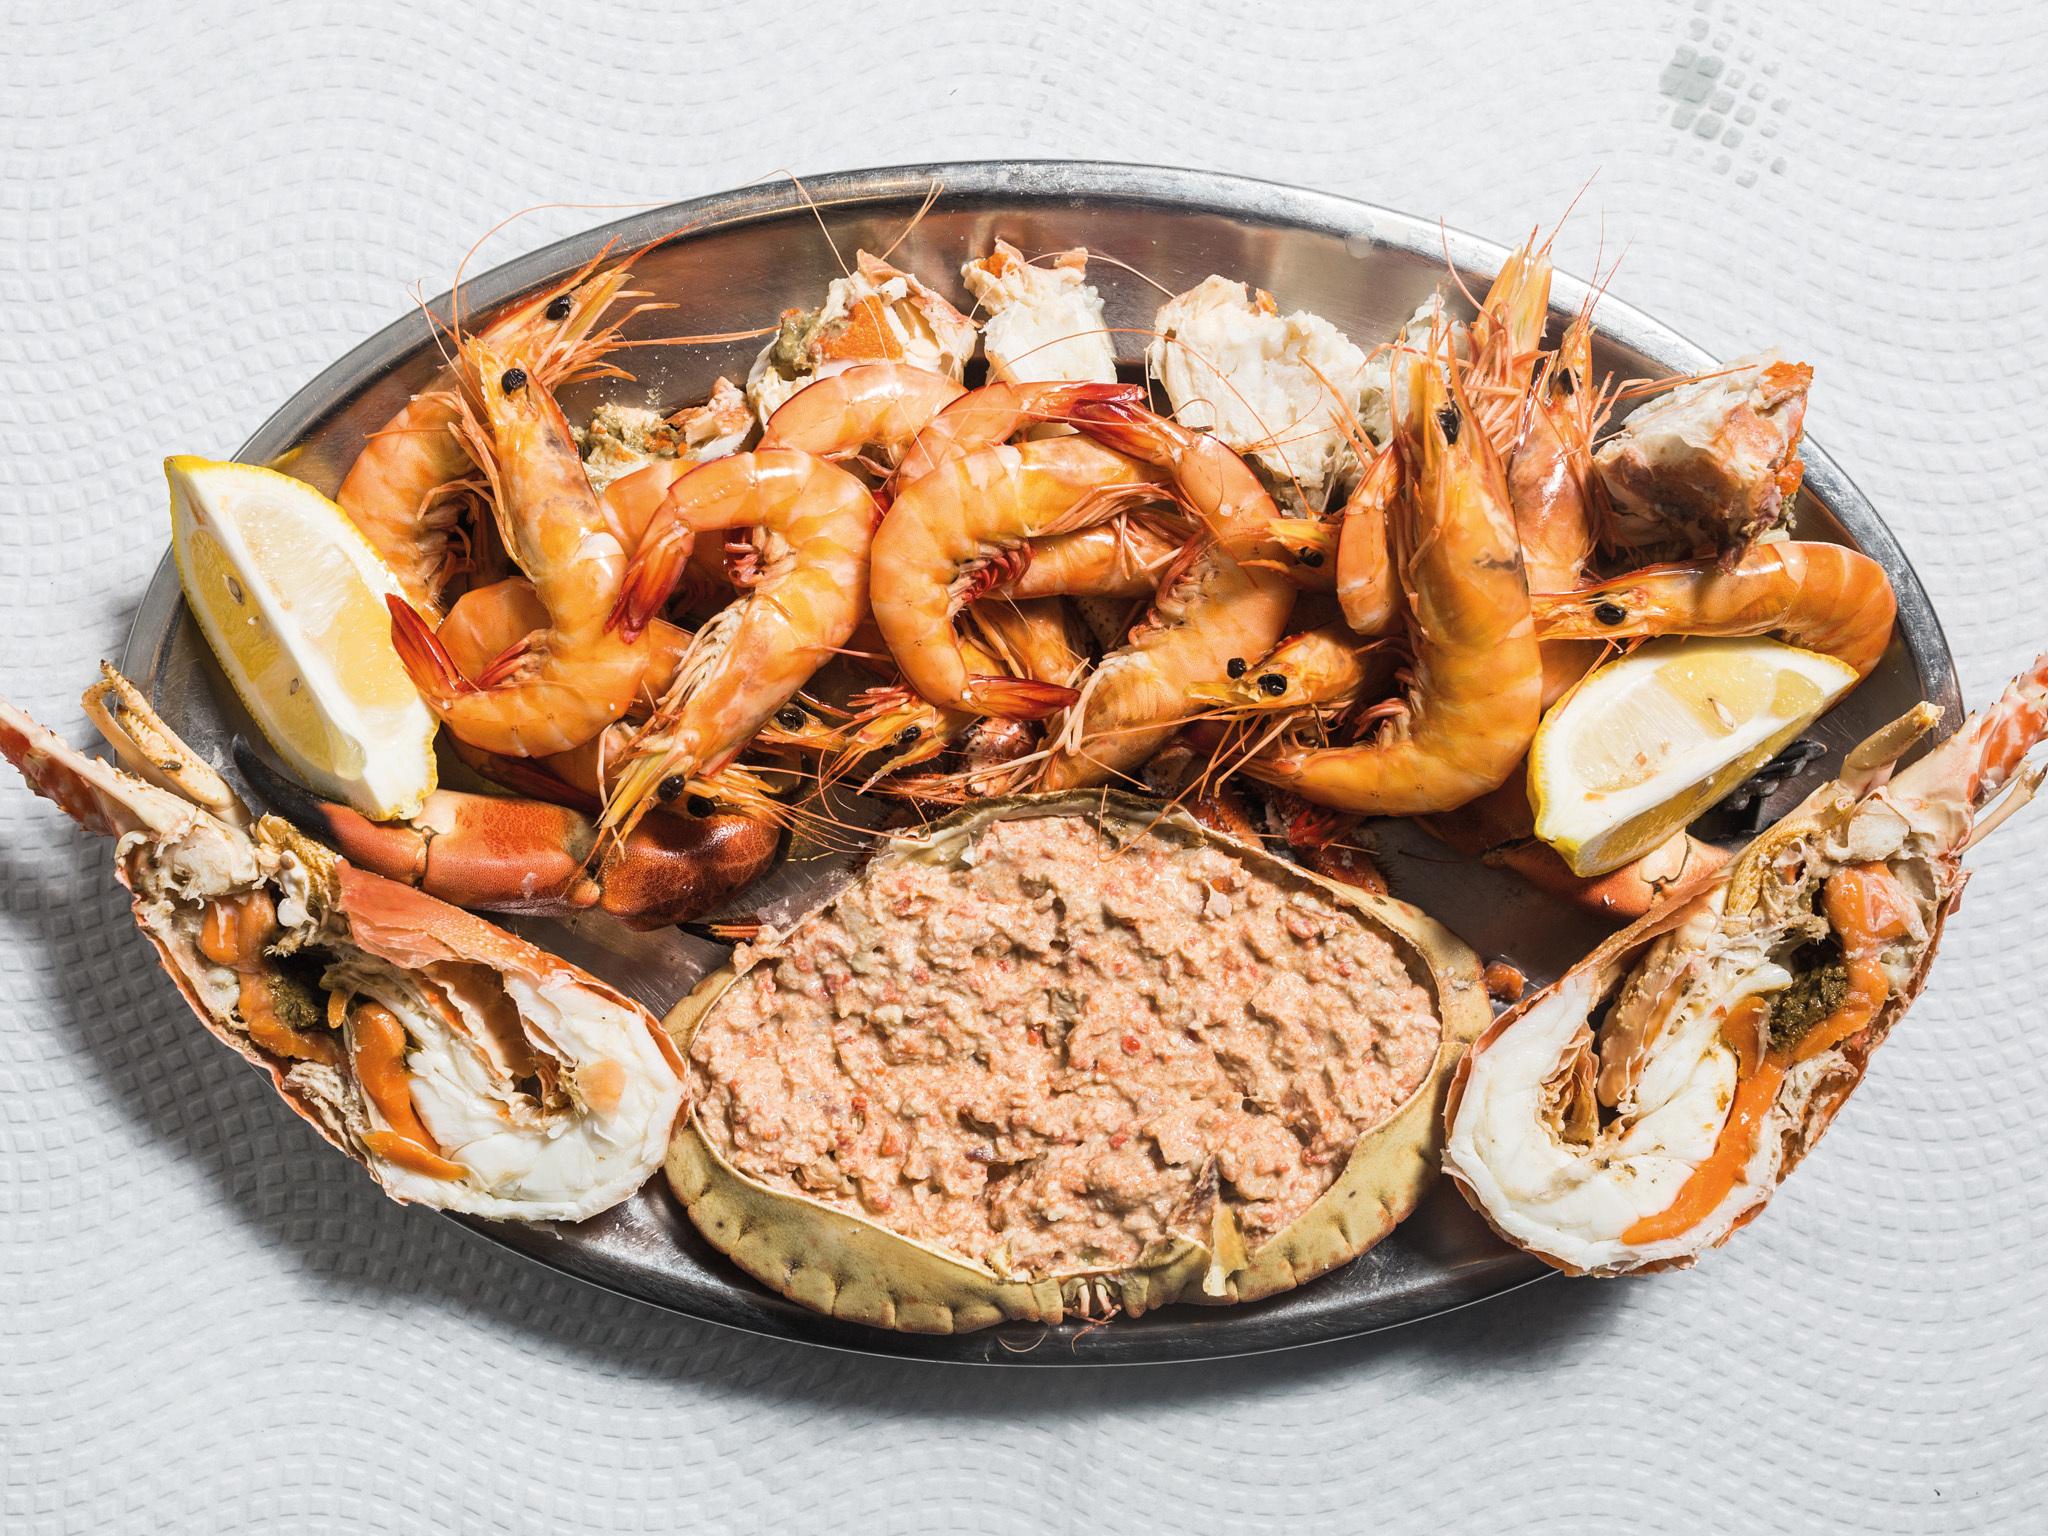 Restaurante Farol - Mista de Marisco